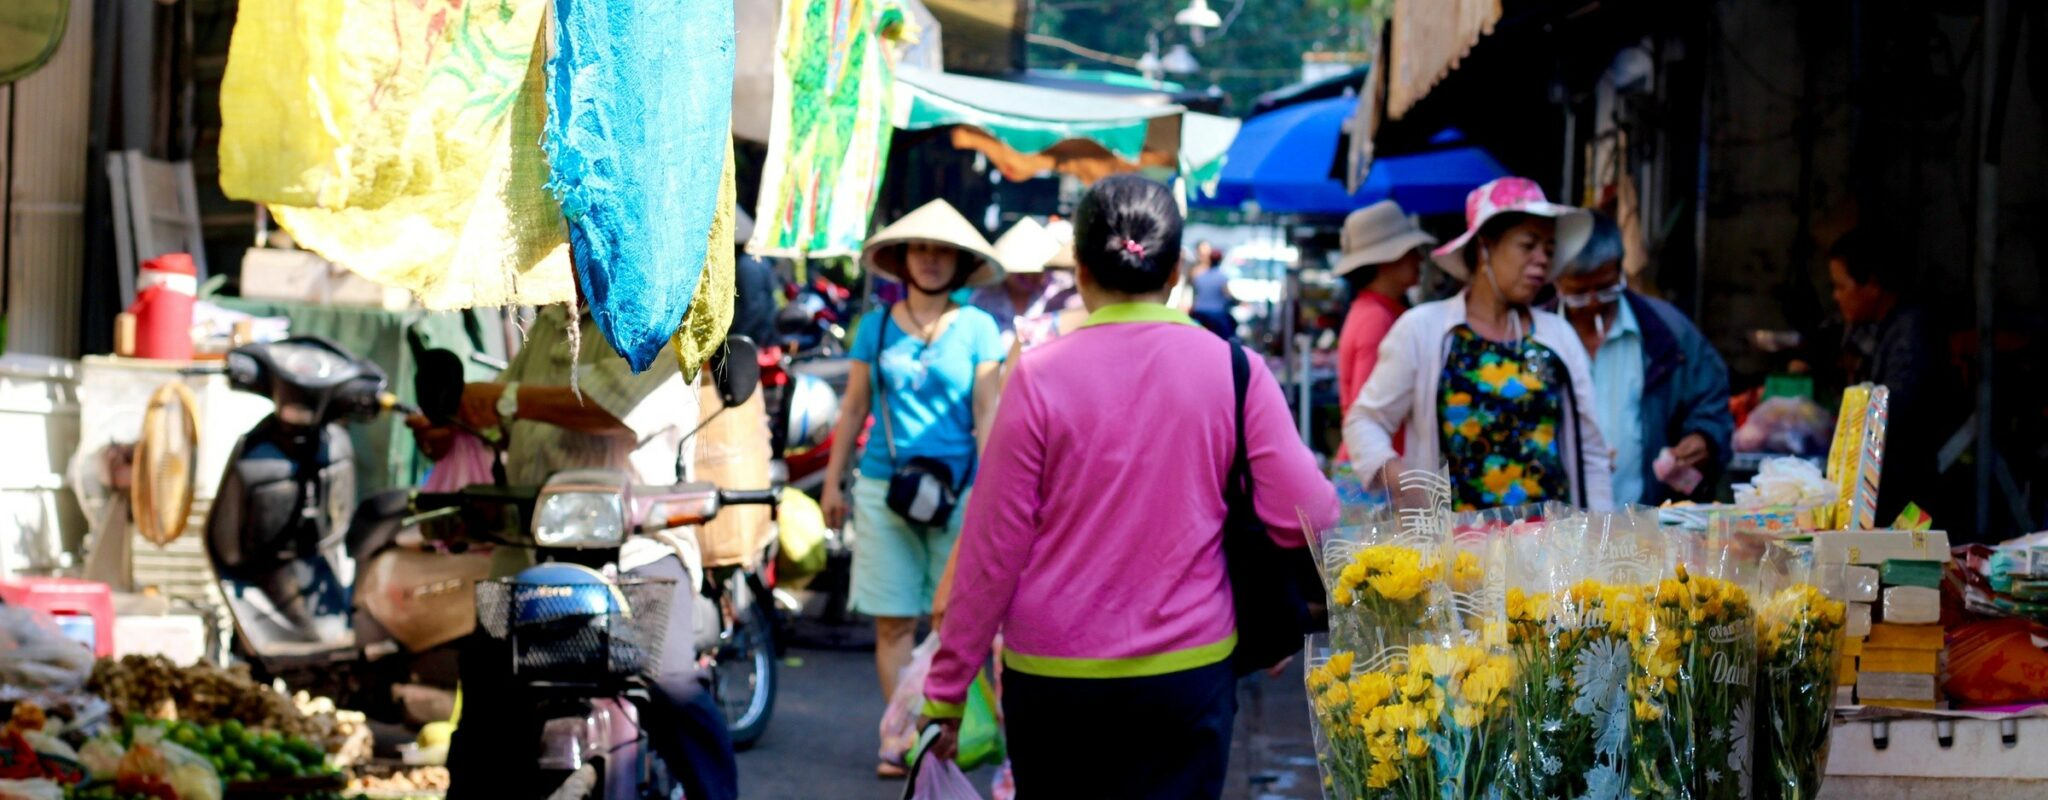 Ho Chi Minh City food market